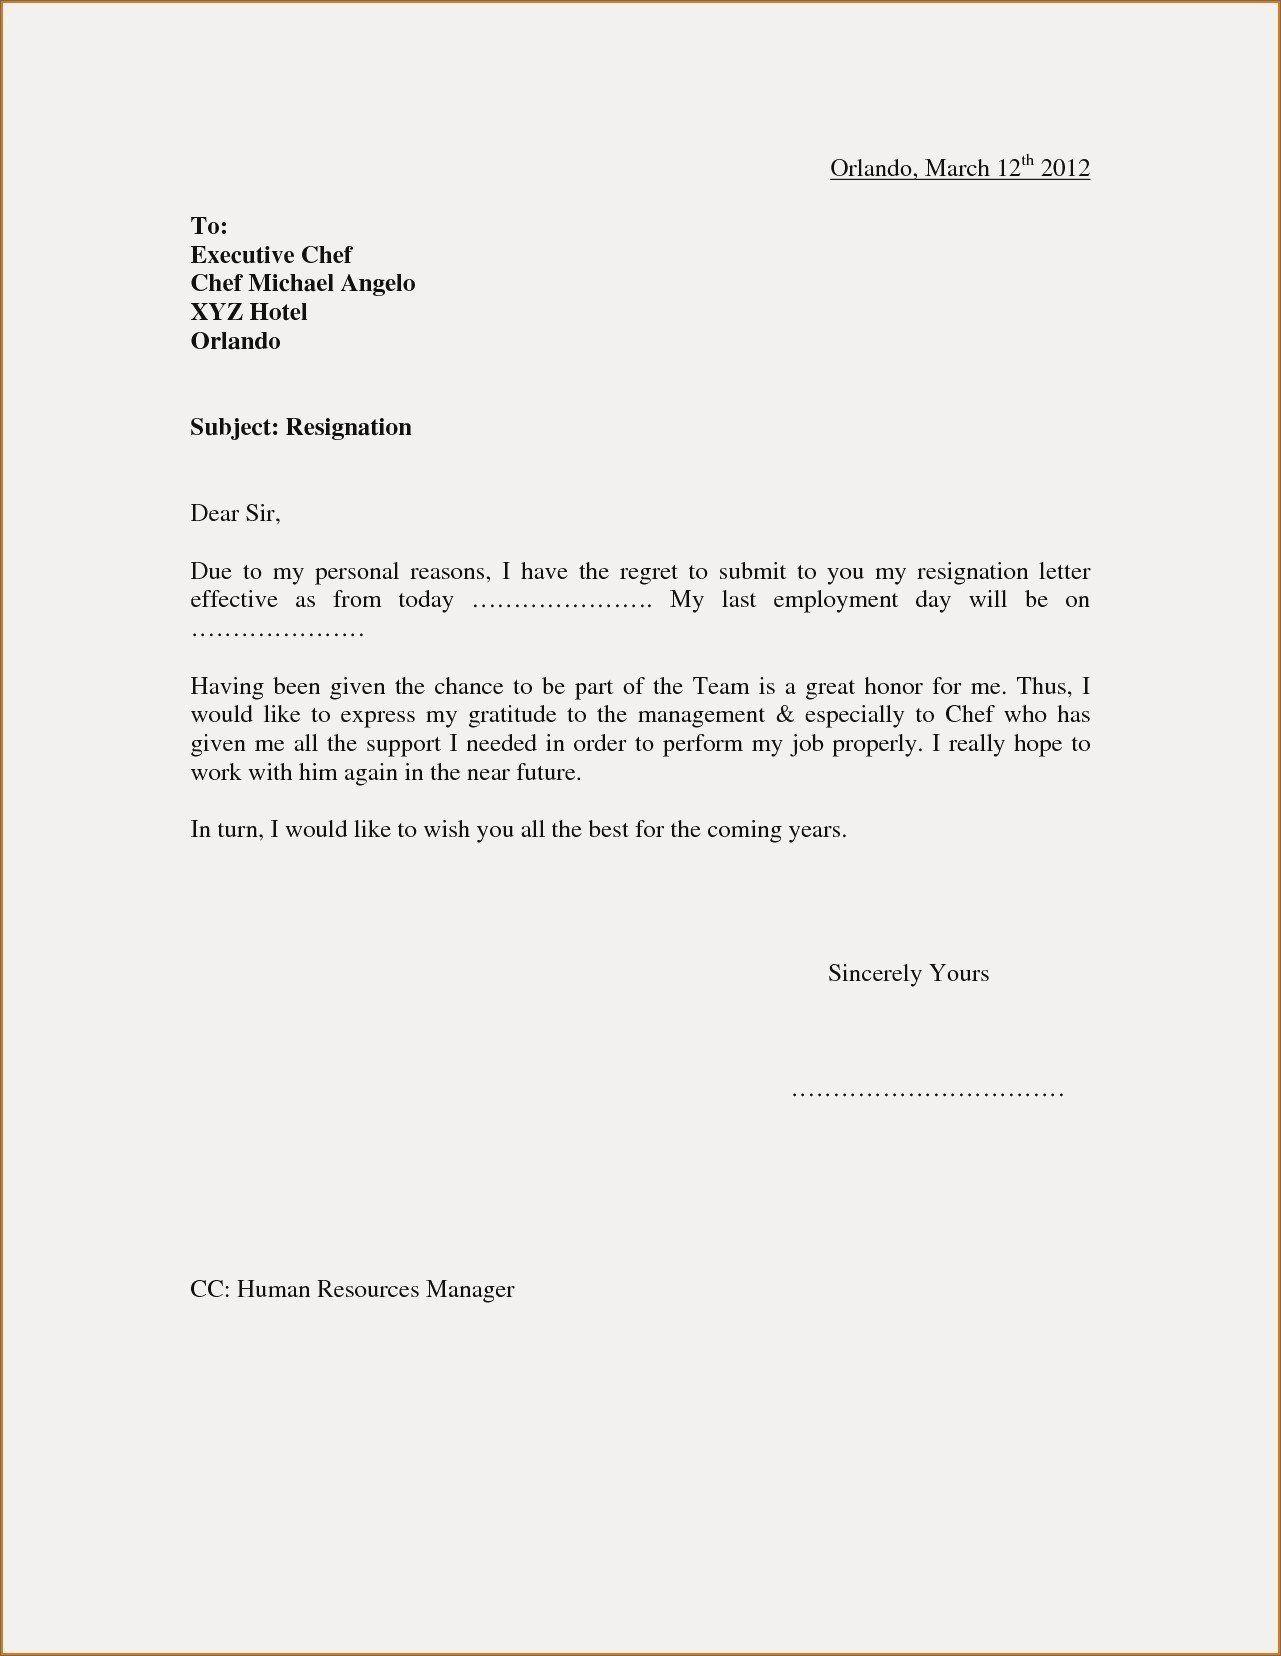 Resume Paper Near Me New Resume Education Karate Do Nrw De Formal Resignation Letter Sample Resignation Letter Sample Job Resignation Letter